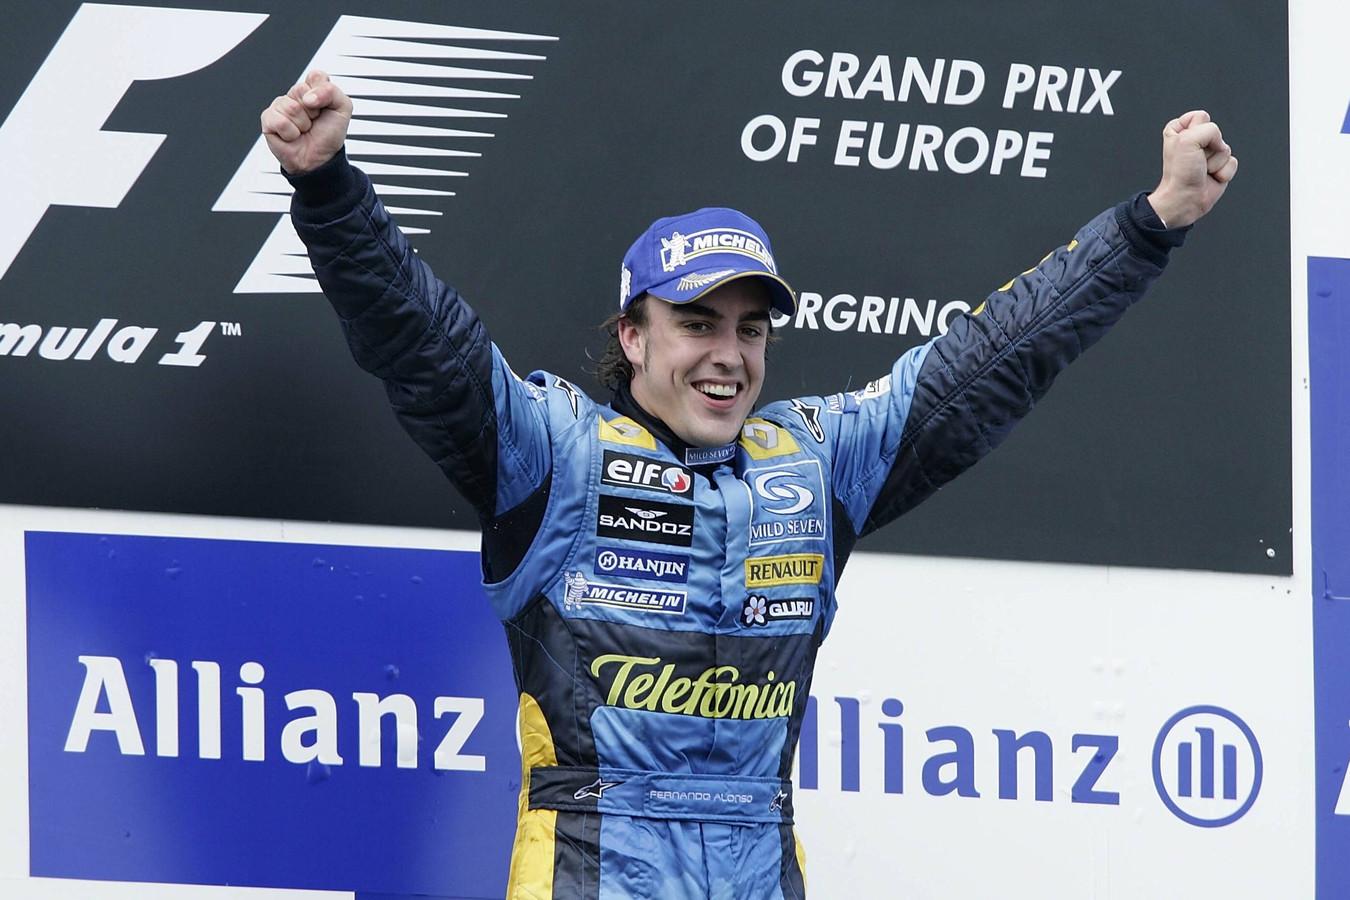 Fernando Alonso in 2005